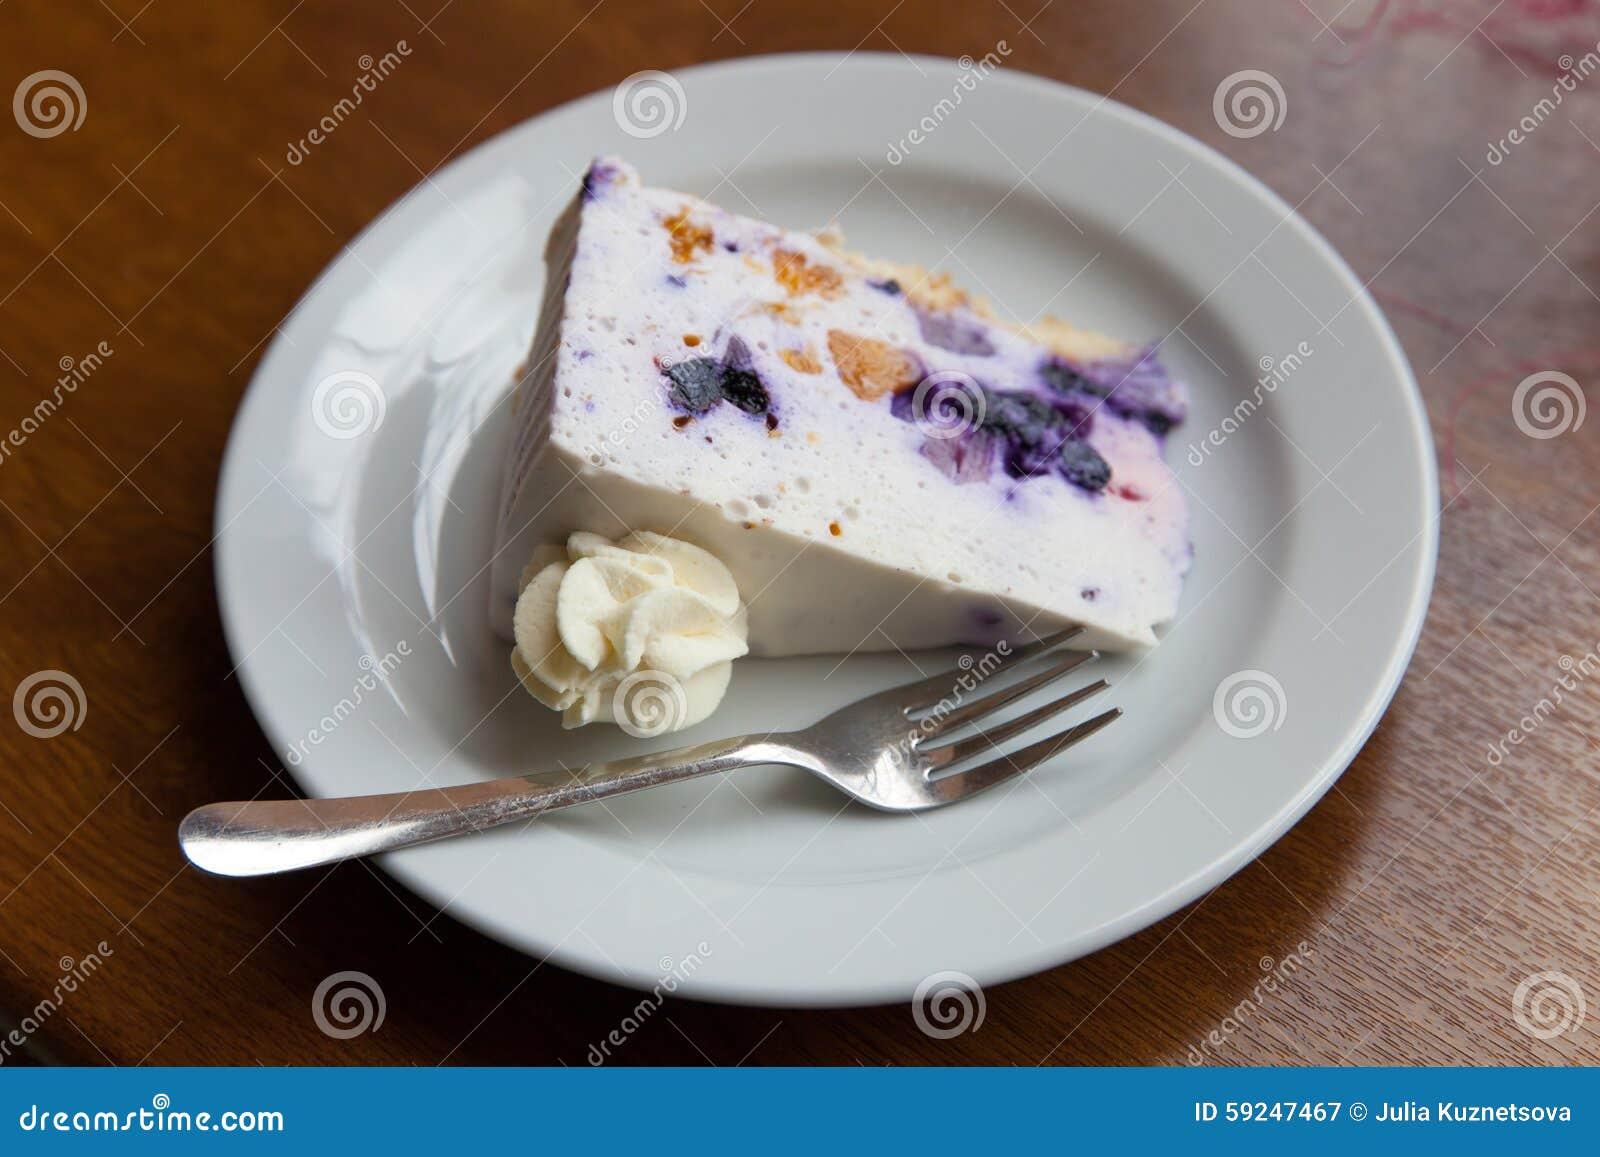 La porción de torta dulce